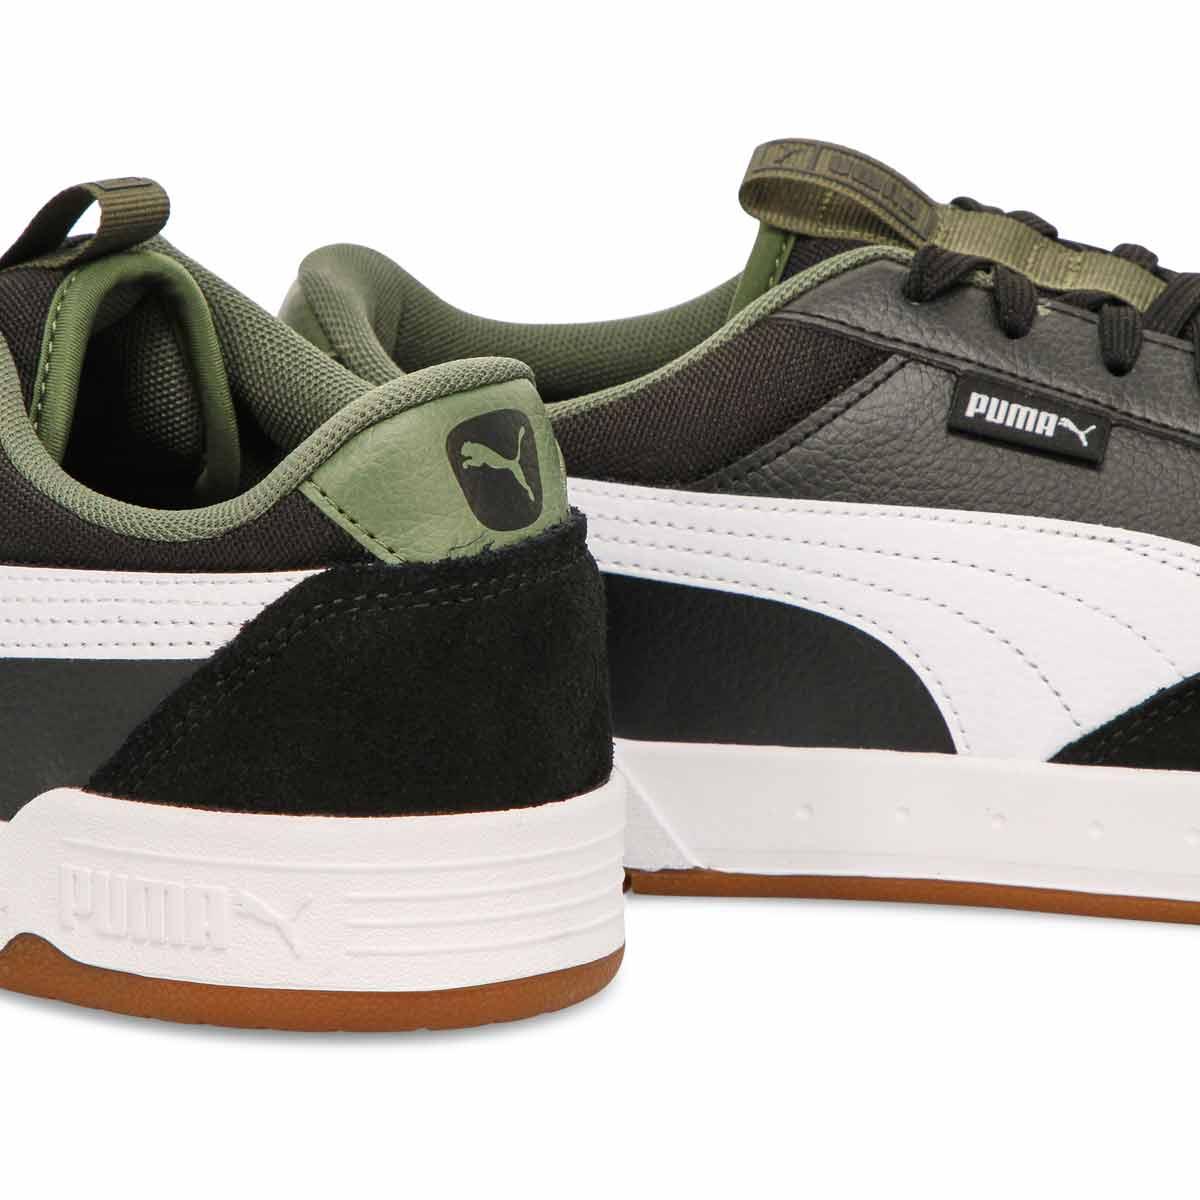 Men's Puma C-Skate Sneaker - Black/ White